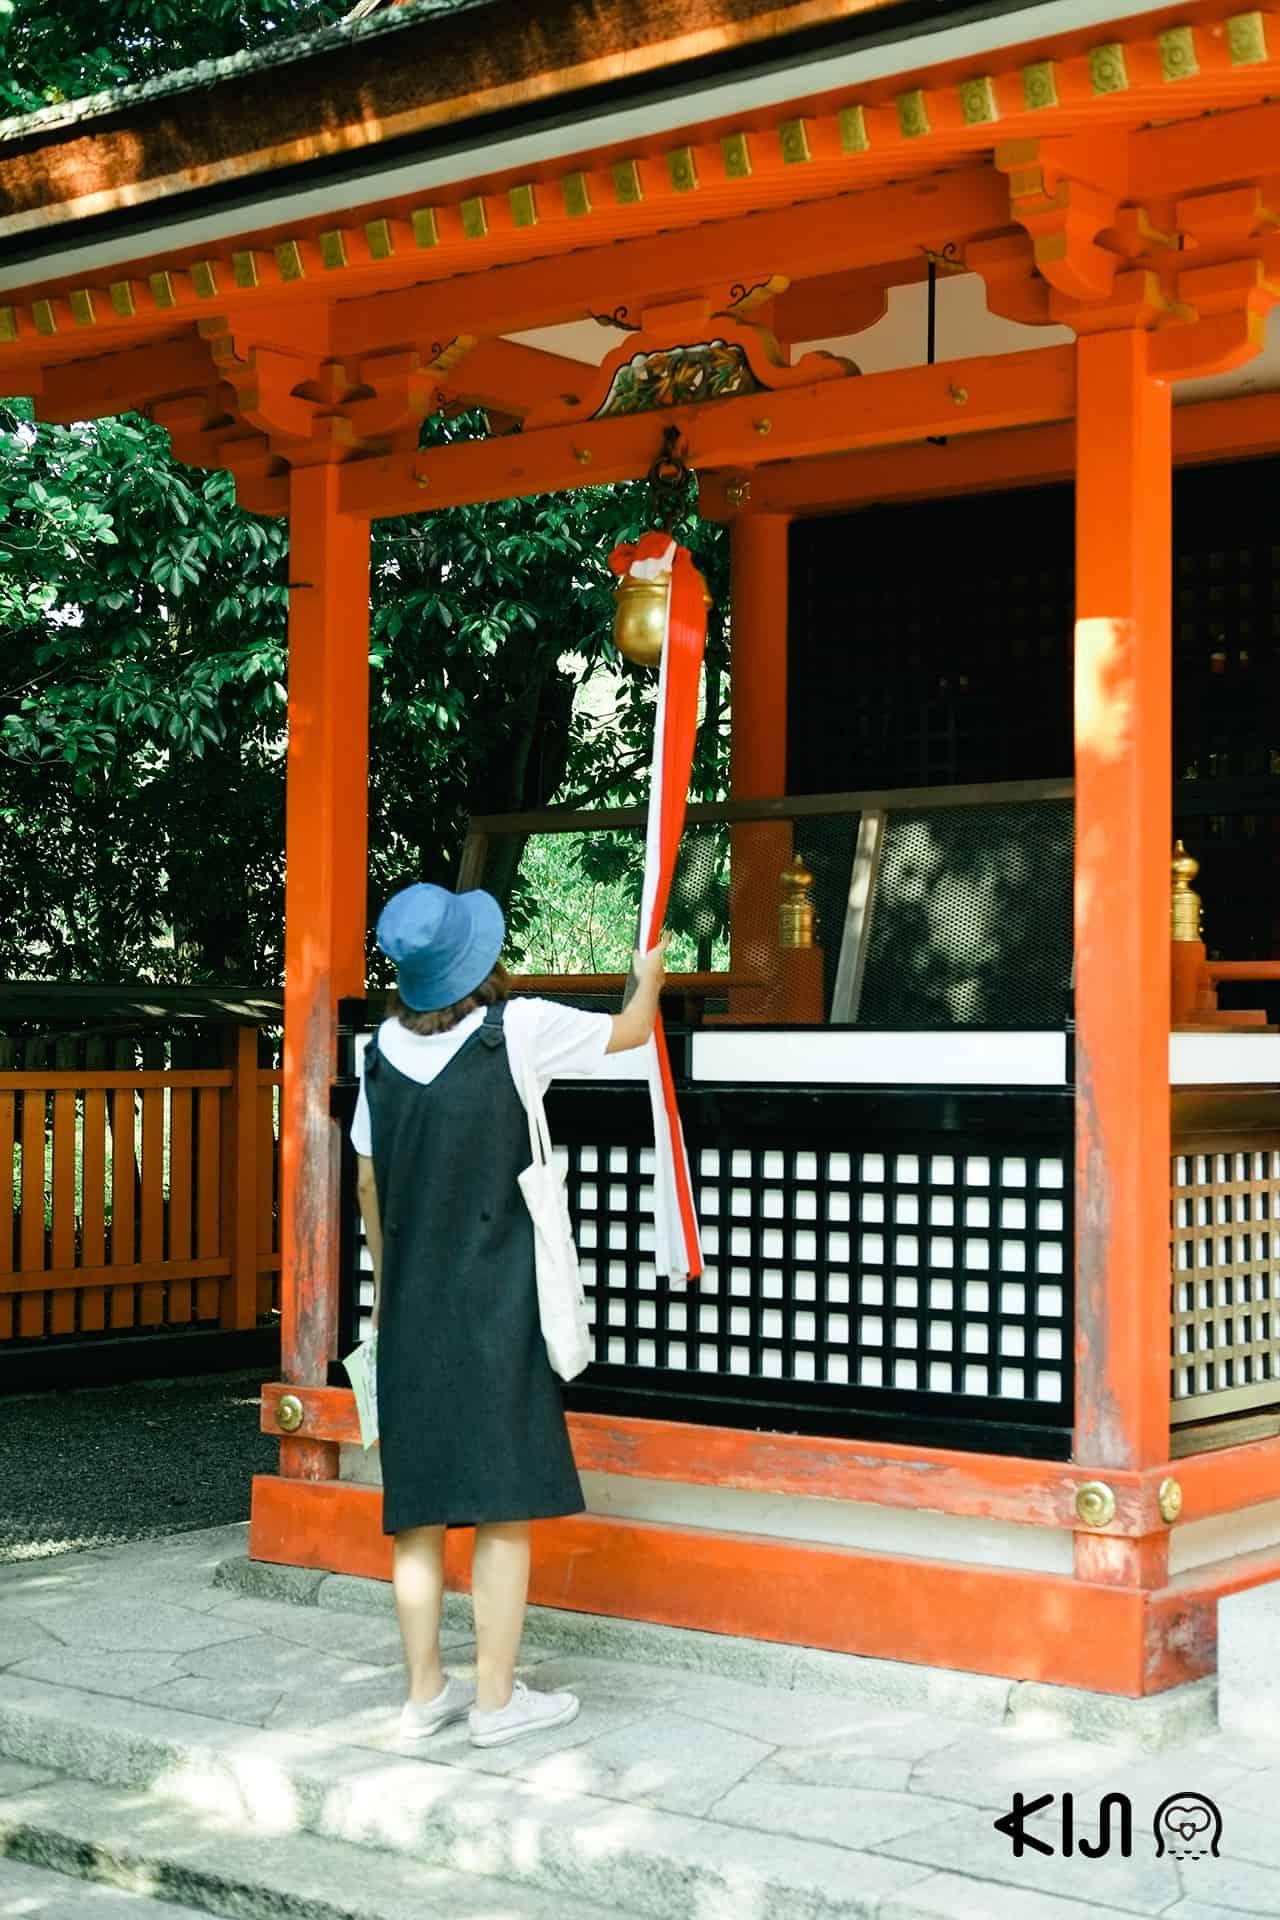 ศาลเจ้าที่เกียวโต